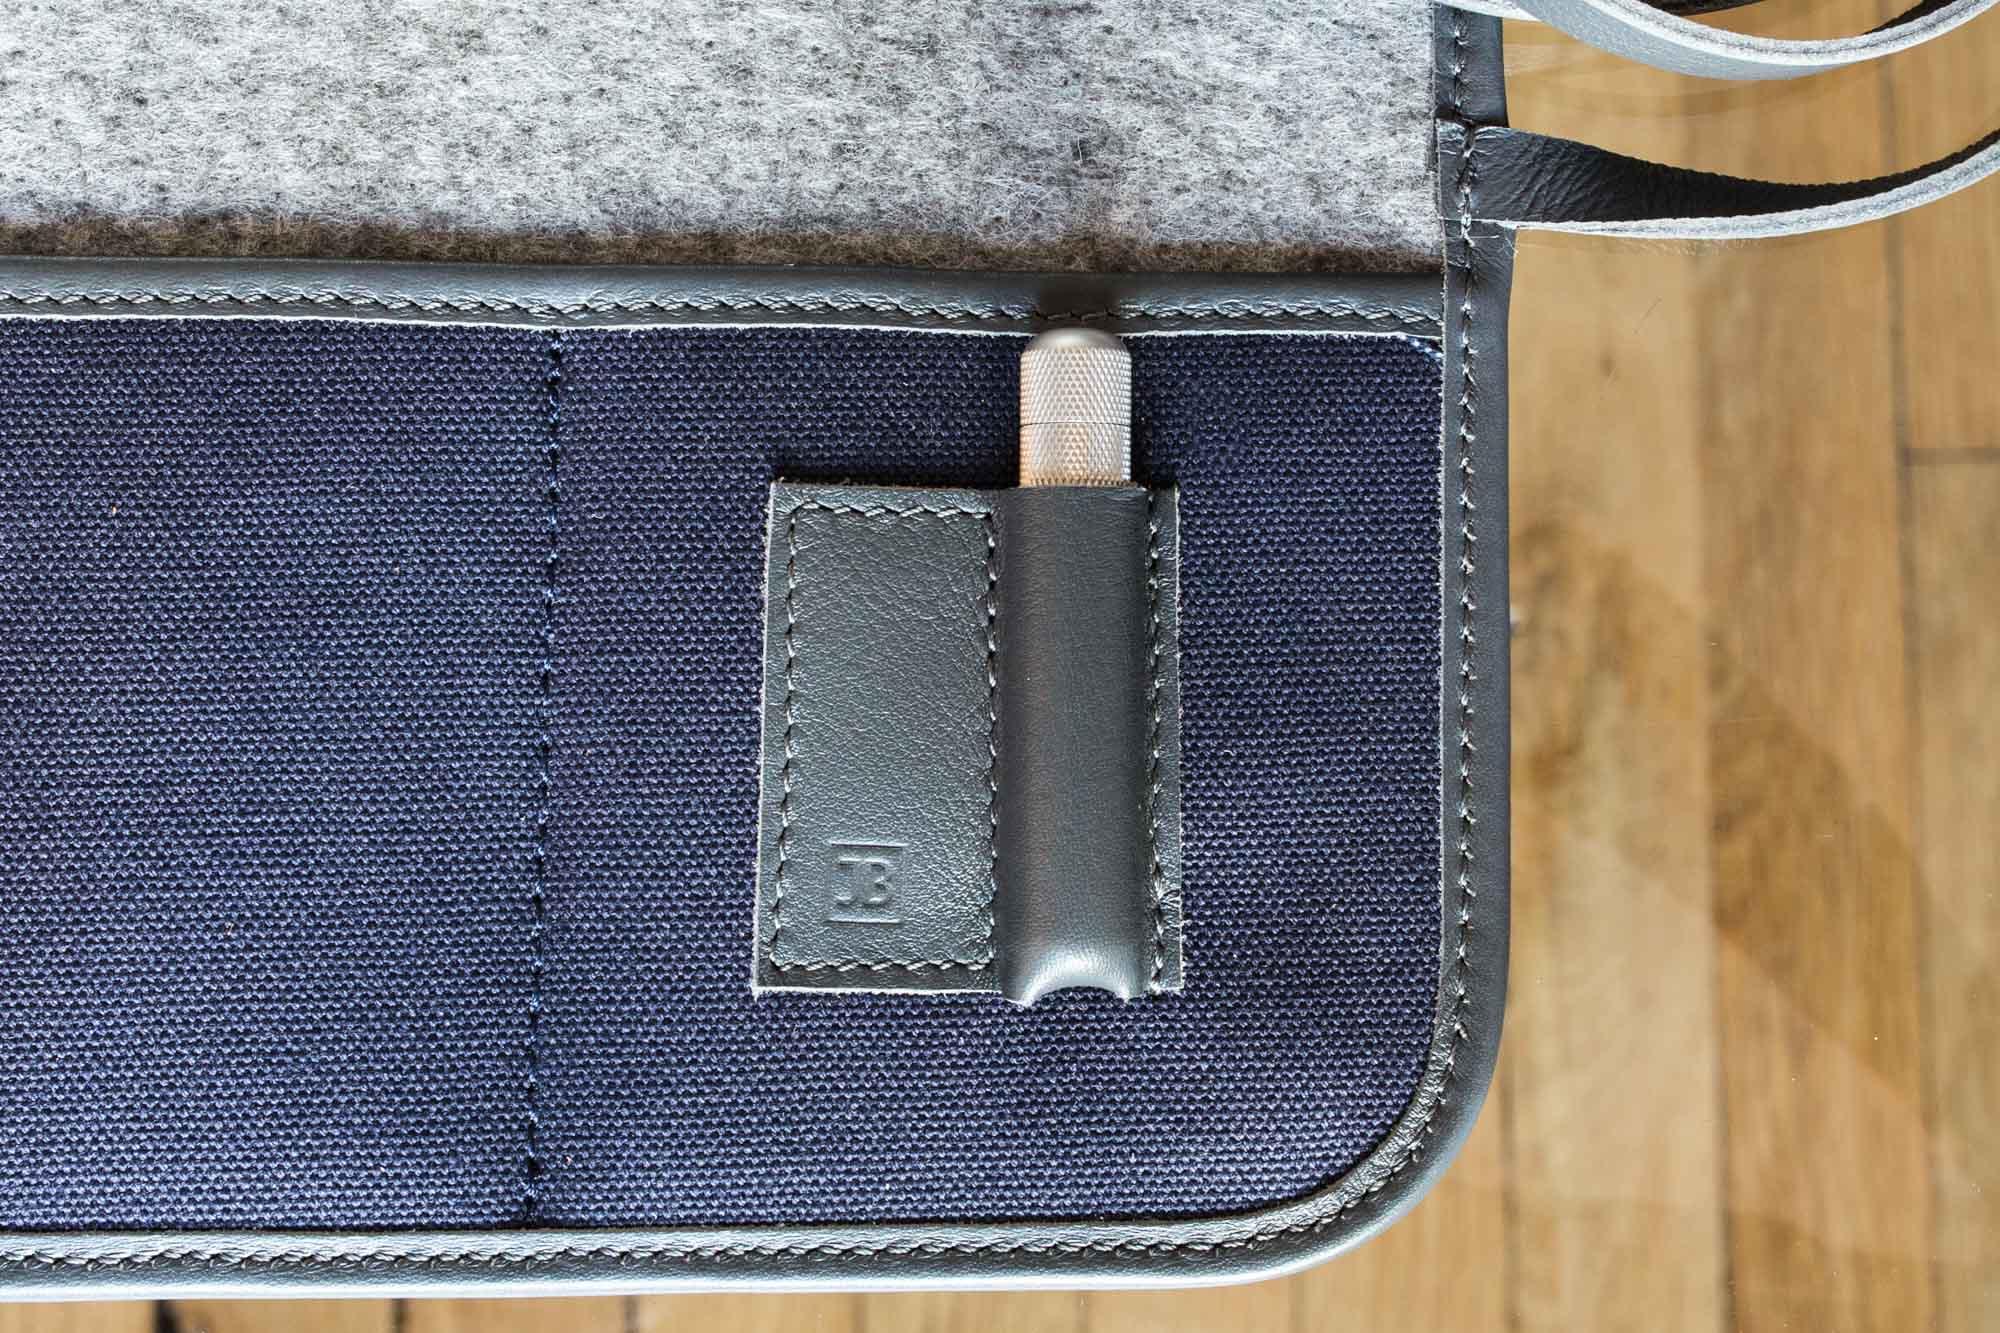 Marmotte - Pochette de transport pour montres en toile canevas bleue